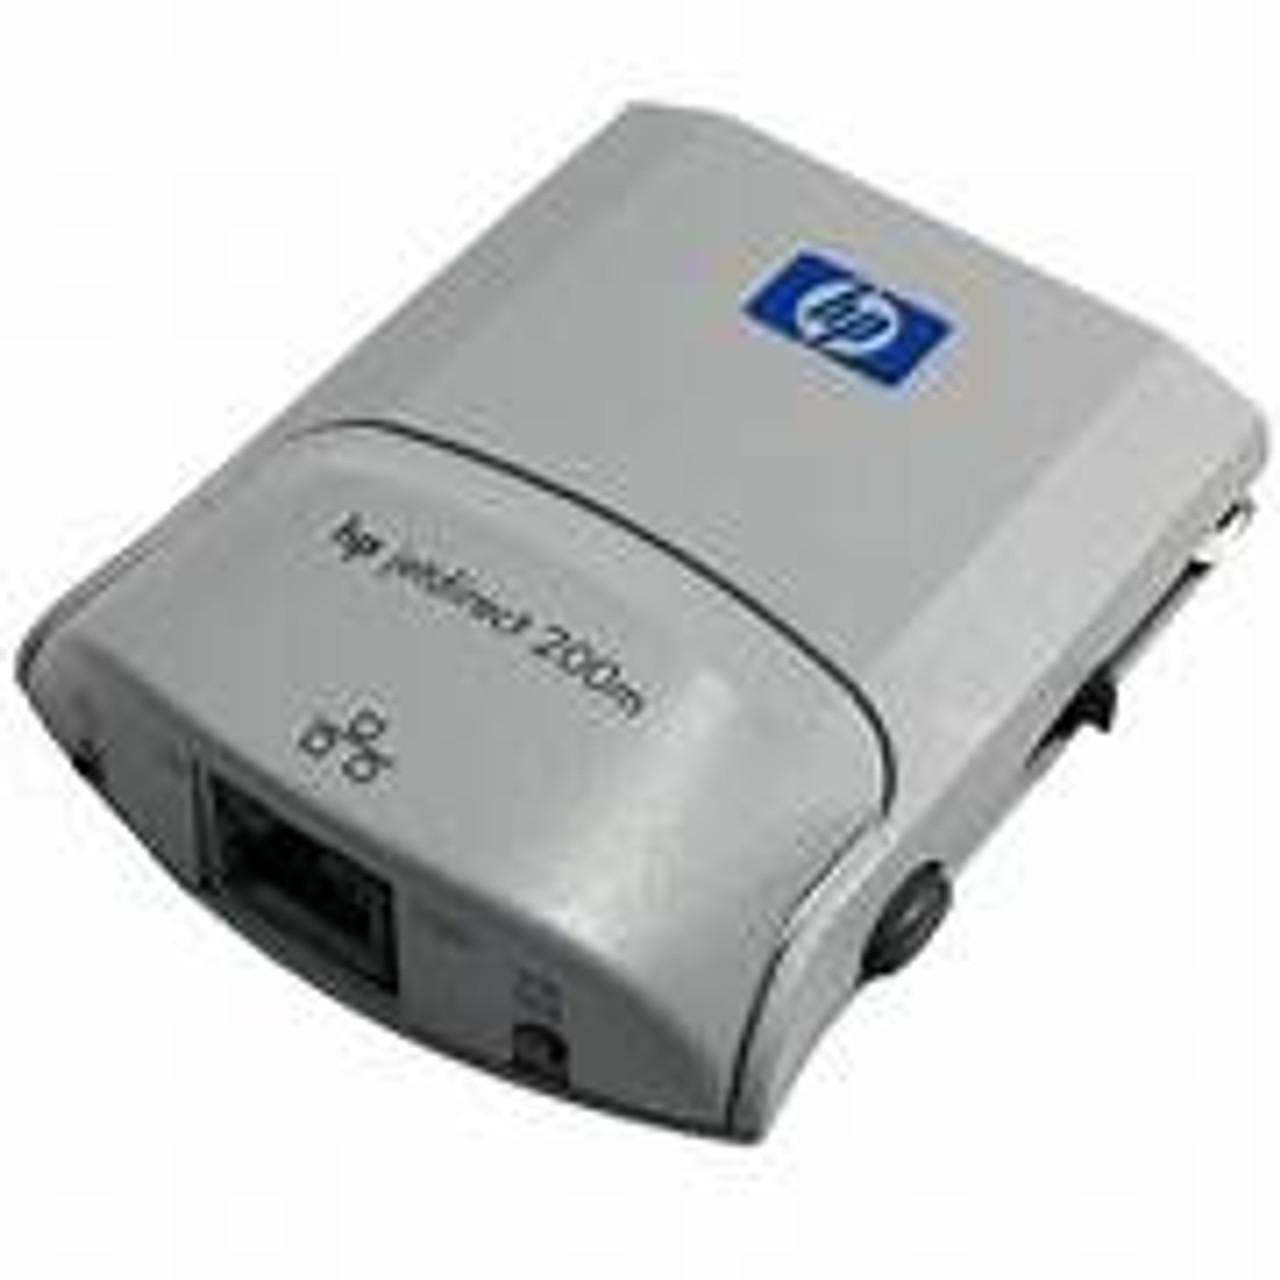 HP Jetdirect 200m print server (j6039c)